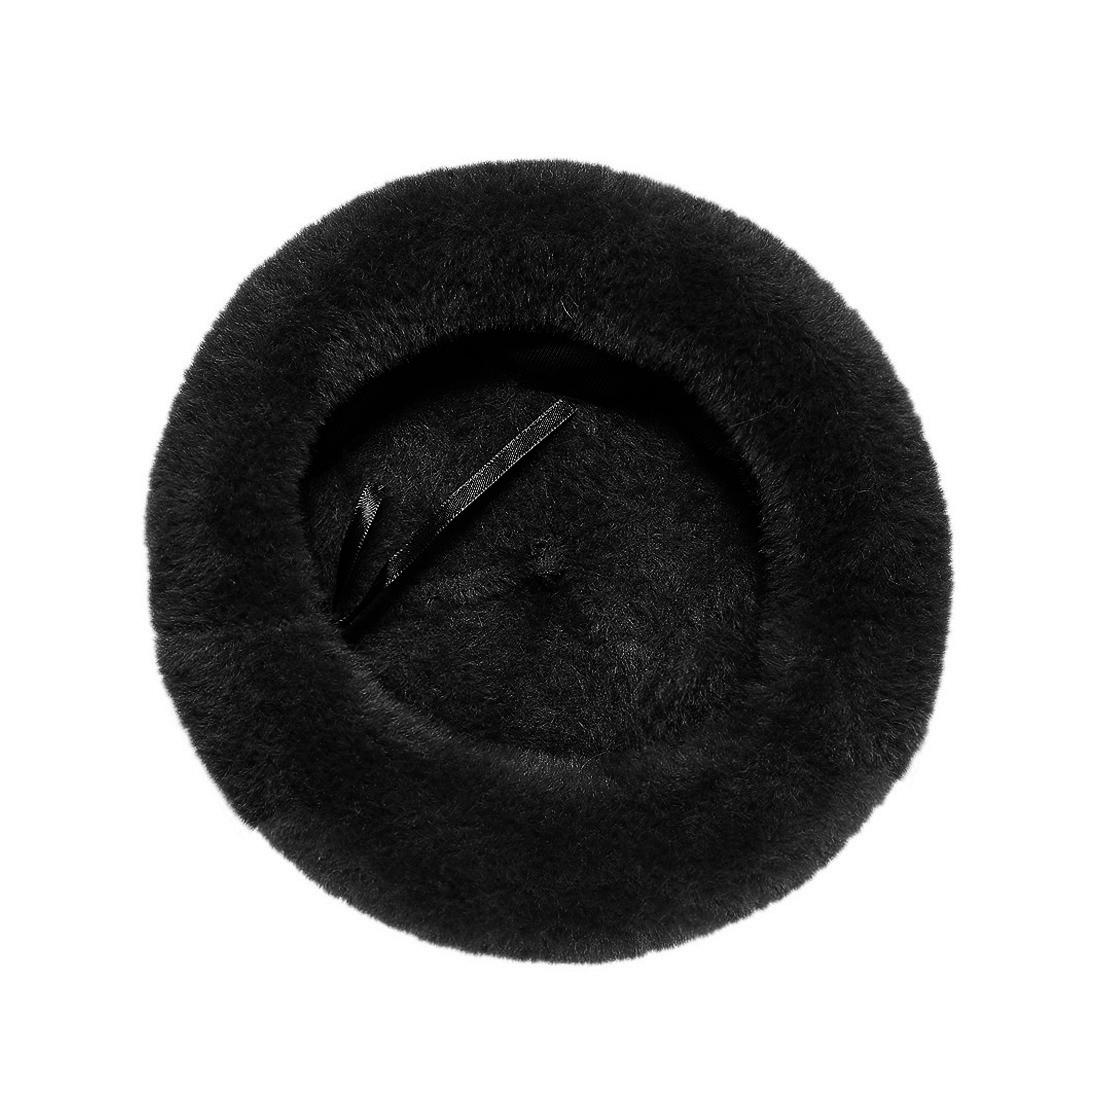 Mũ nồi len lông thời trang cao cấp màu đen EH40-1